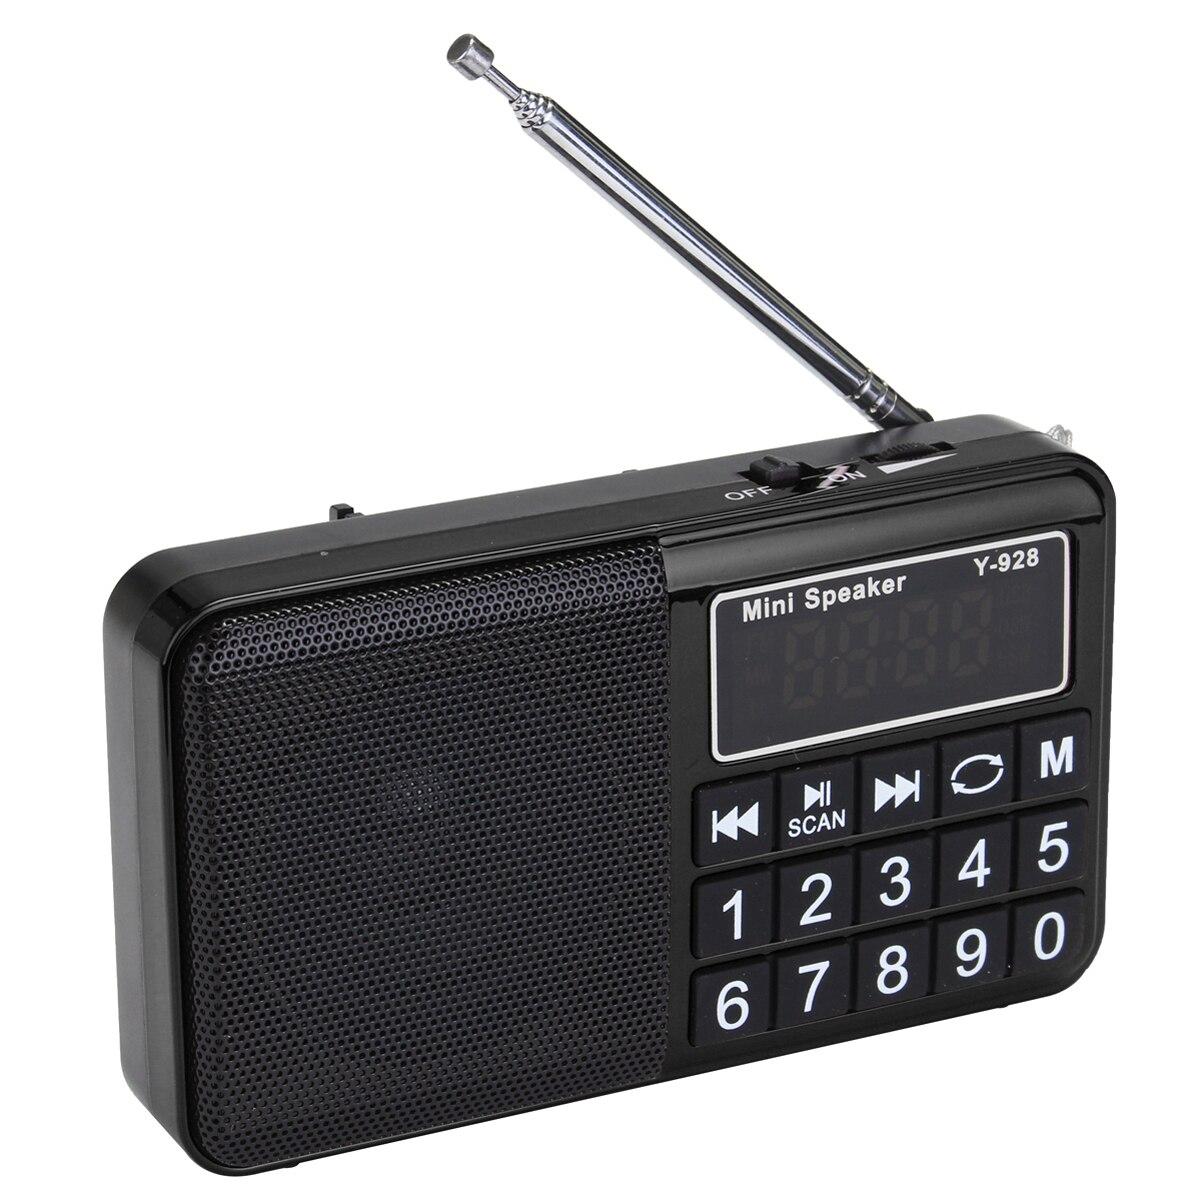 Tragbares Audio & Video Kinco Tragbare Für Tasche Digitale Am Fm Radio Empfänger Lautsprecher Micro Sd Tf Mp3 Player Mit Licht Und Akku